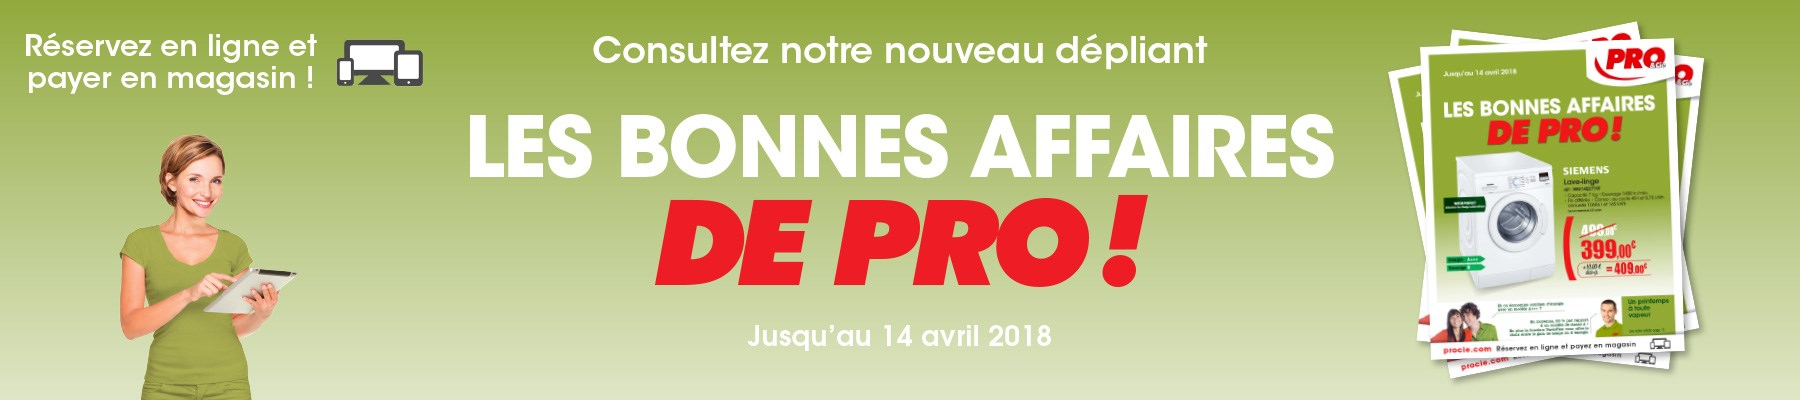 PRO&Cie - Accueil - Pro&Cie